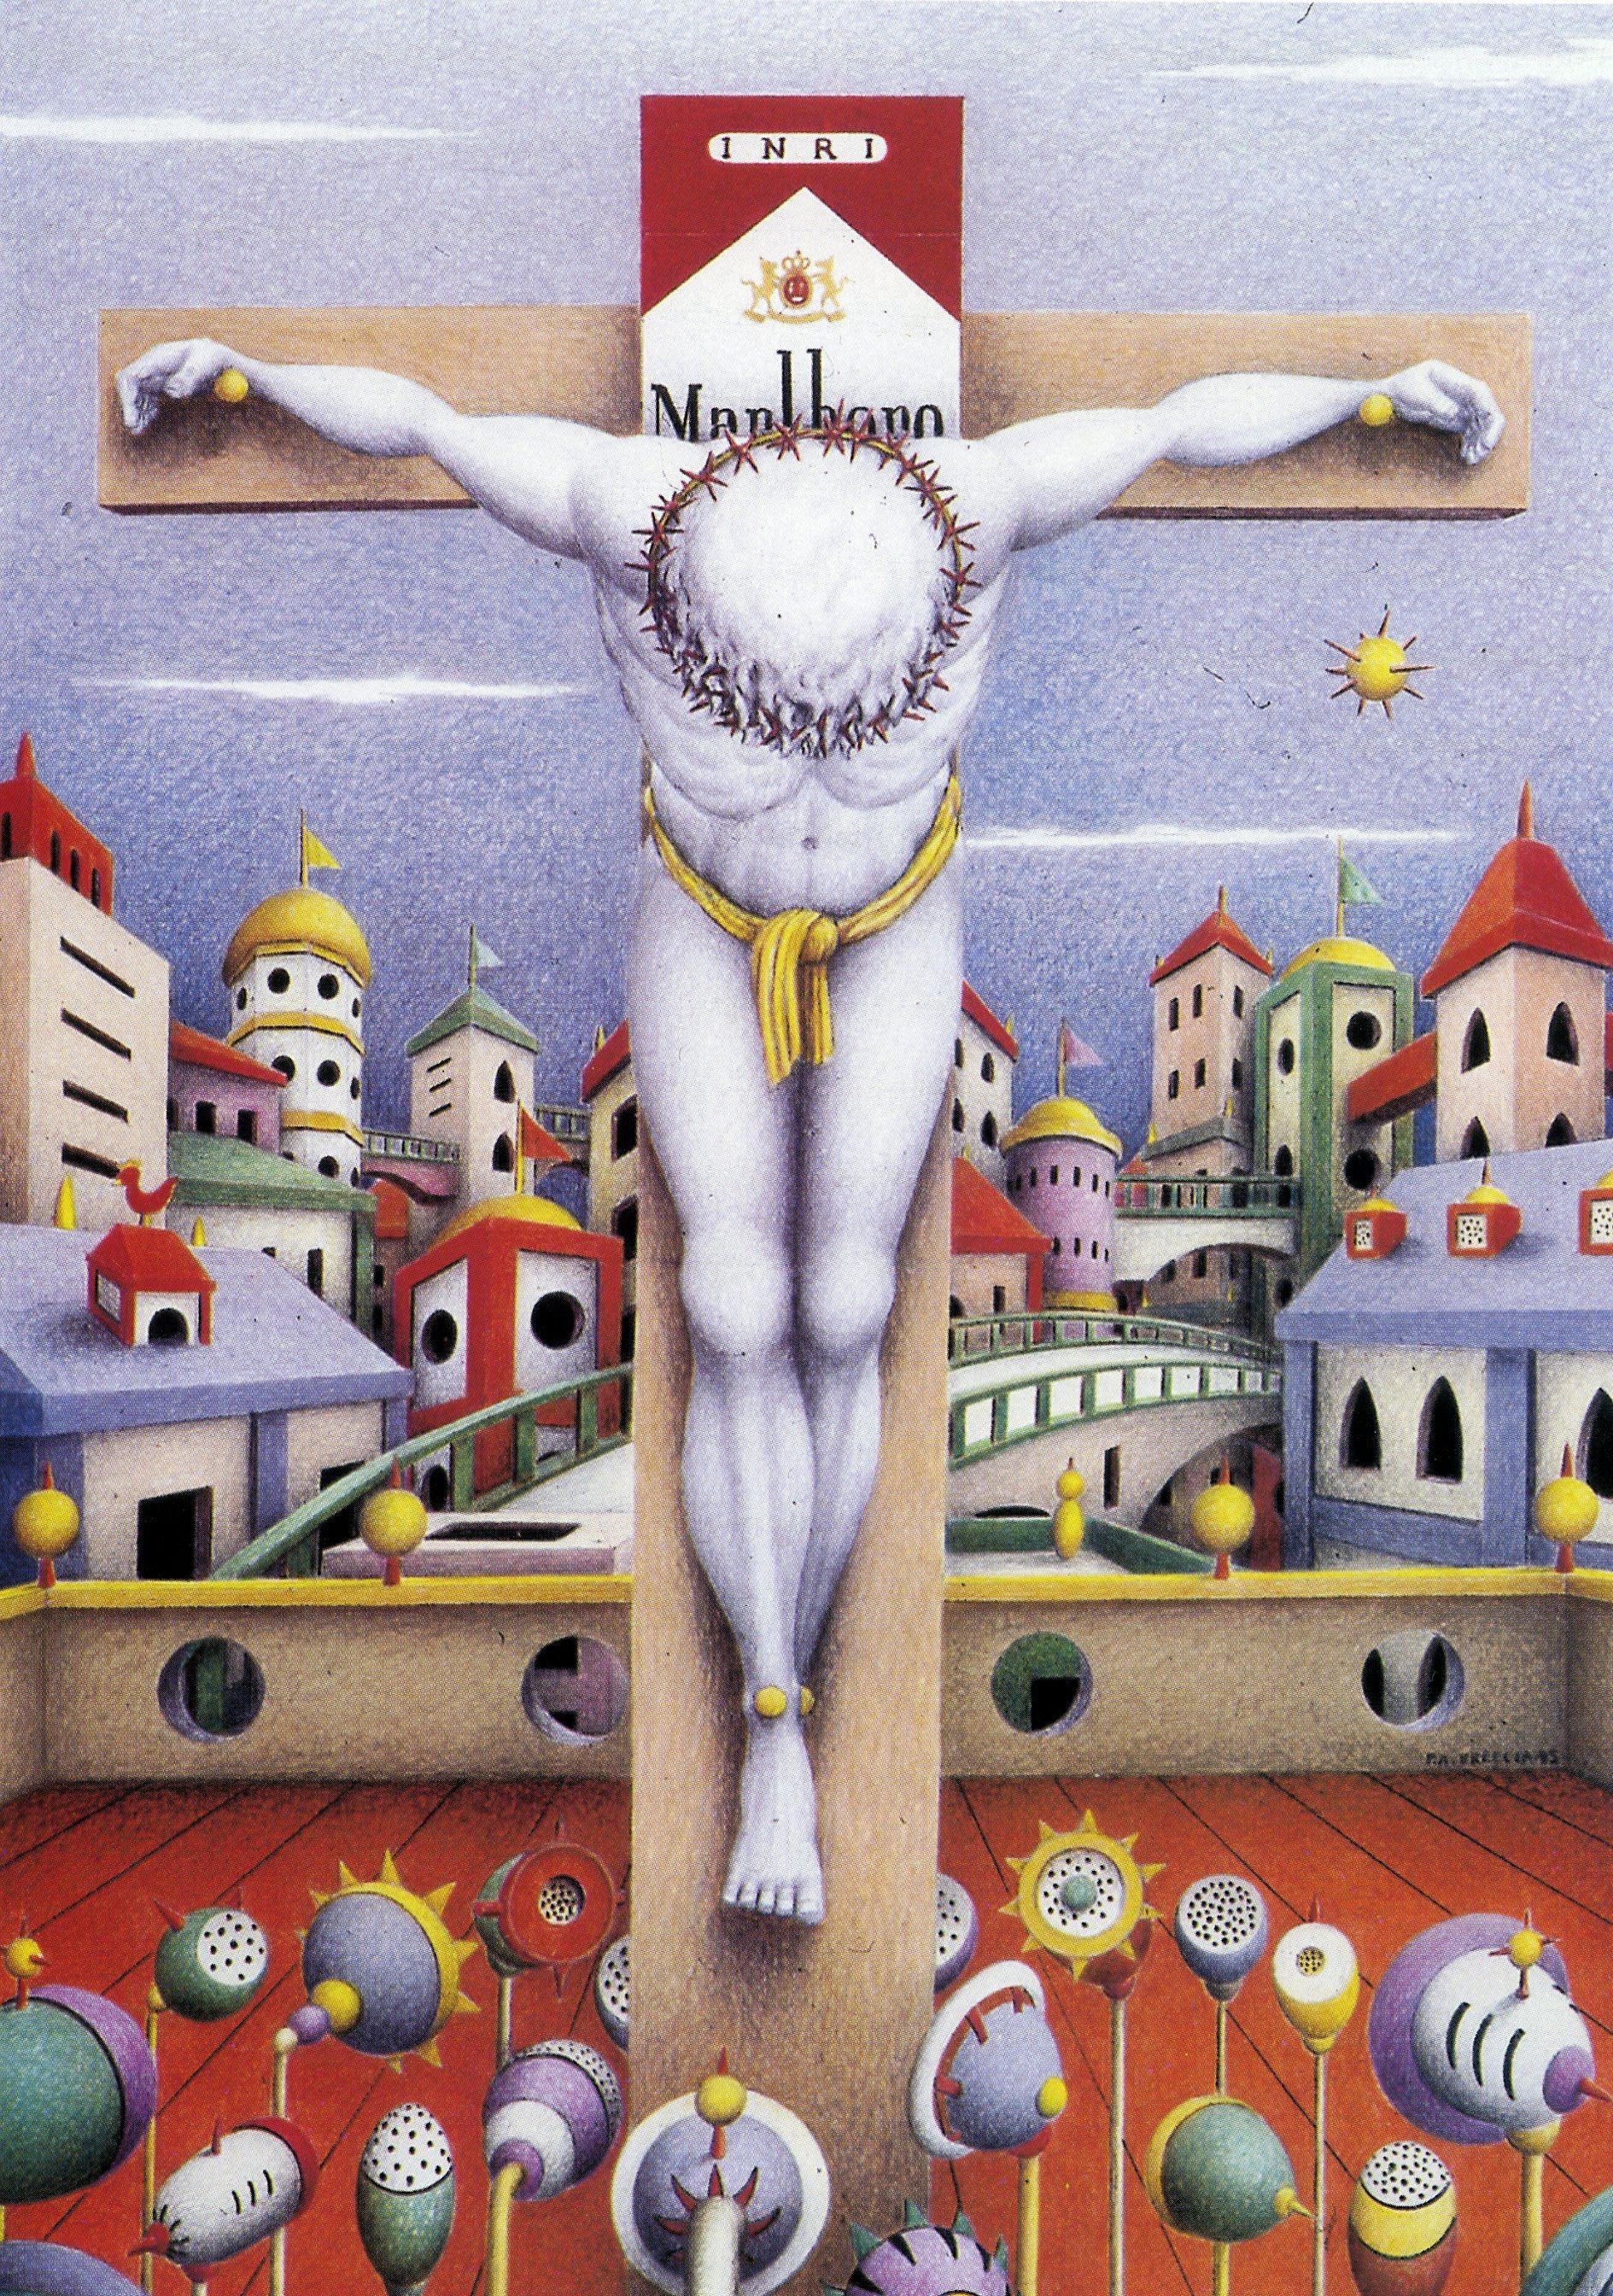 Crocifissione sponsorizzata